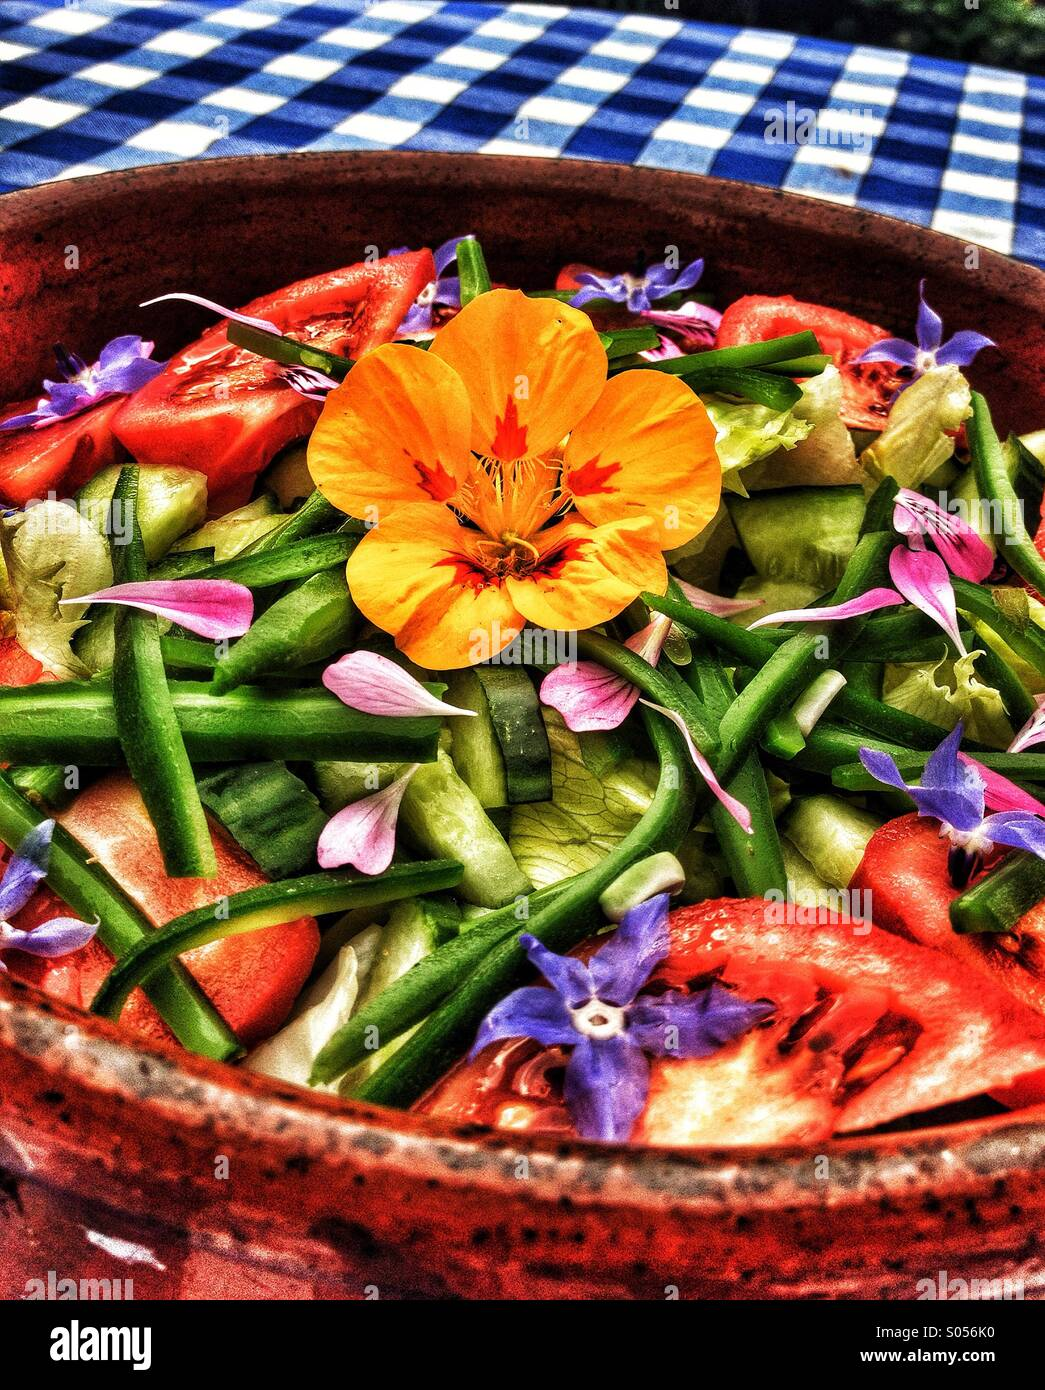 Salat Mit Blume Als Herzstück In Einer Rustikalen Spanischen Schüssel Auf  Einem Tisch Mit Blauen Und Weißen Tischdecke